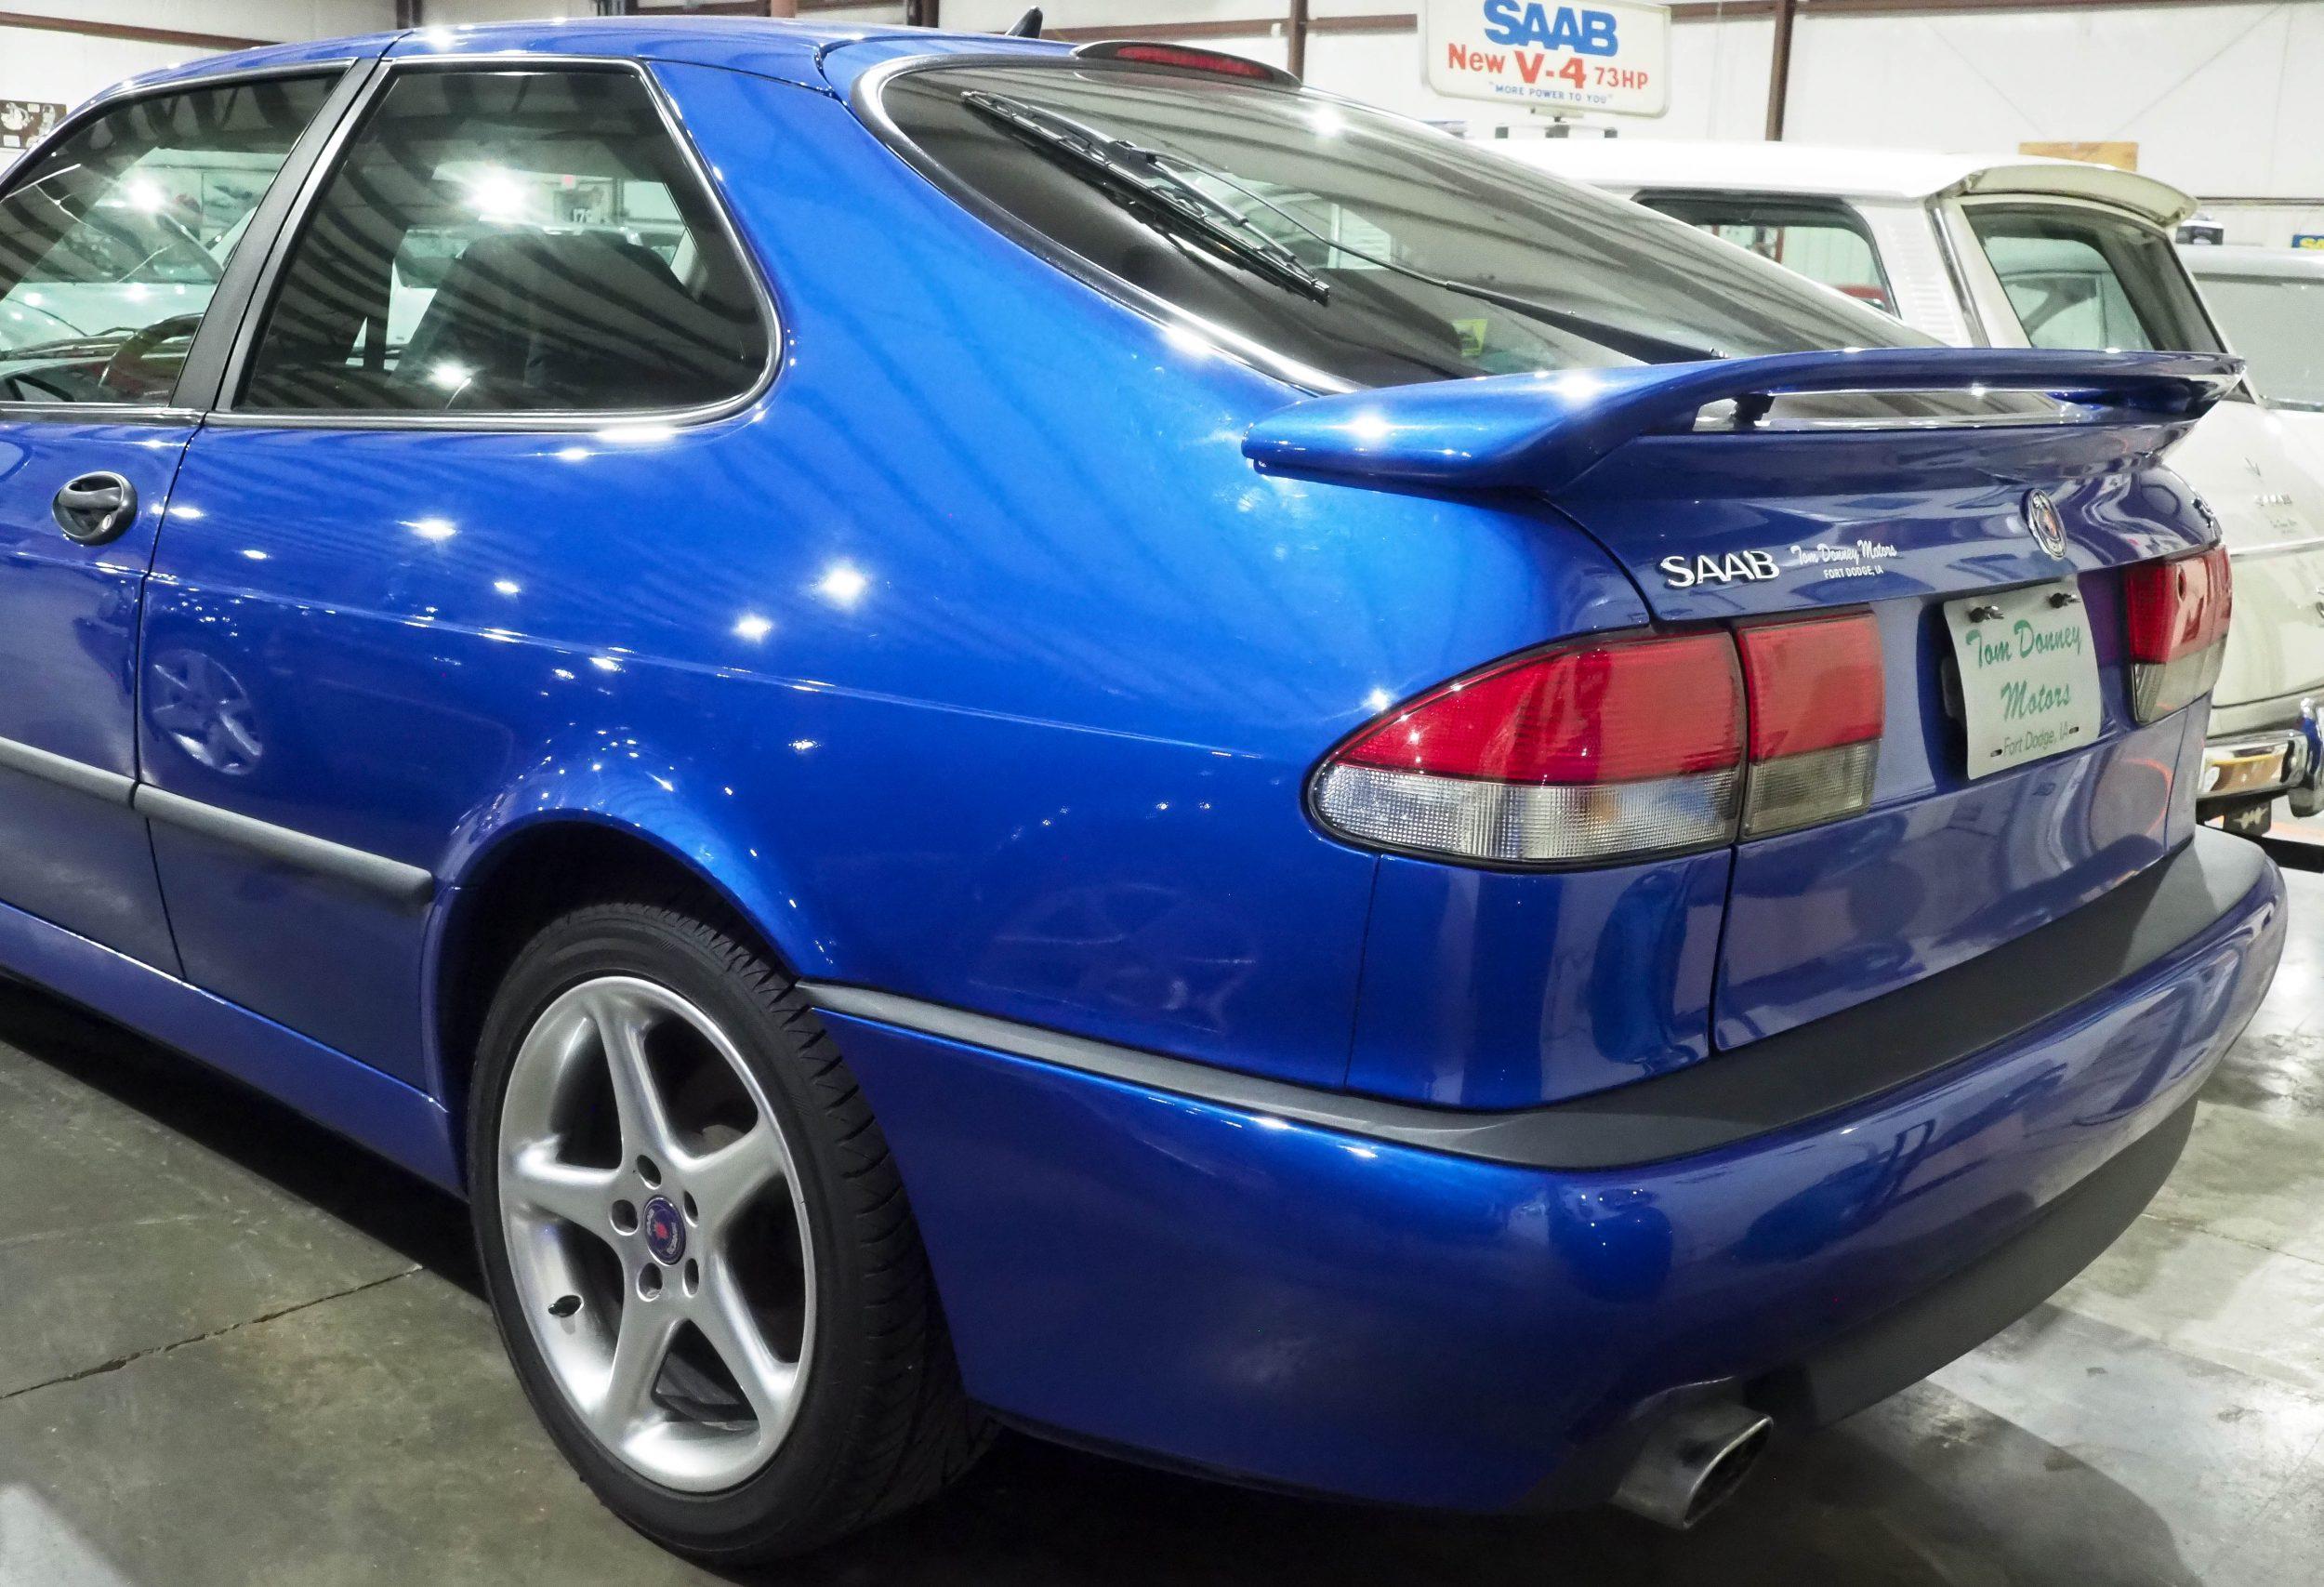 1999 - 9-3 VIGGEN, 2.3l - 4 cyl turbo - Saab Heritage Car ...